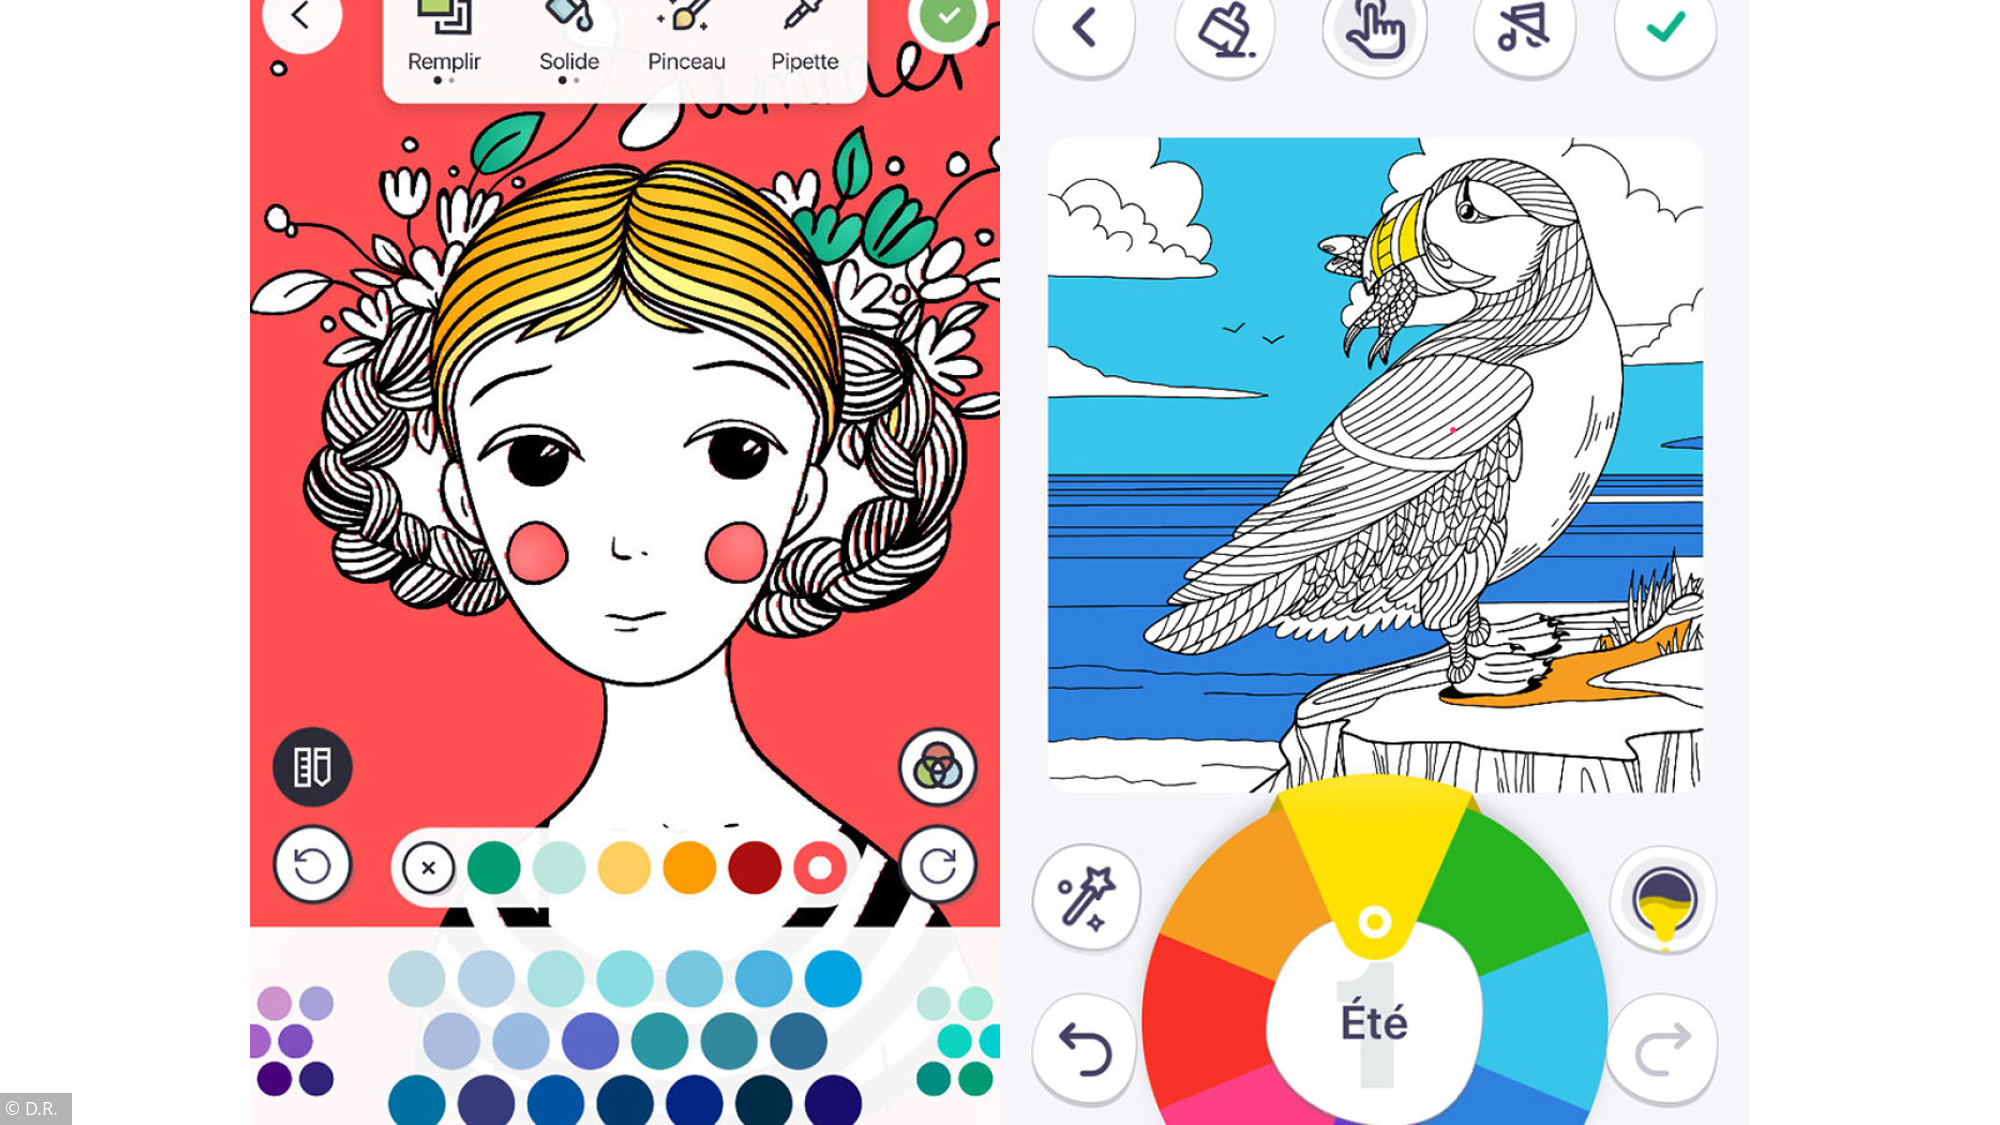 Coloriages: 3 Applications Pour Retrouver La Sérénité intérieur Coloriage À Colorier Sur L Ordinateur Gratuit